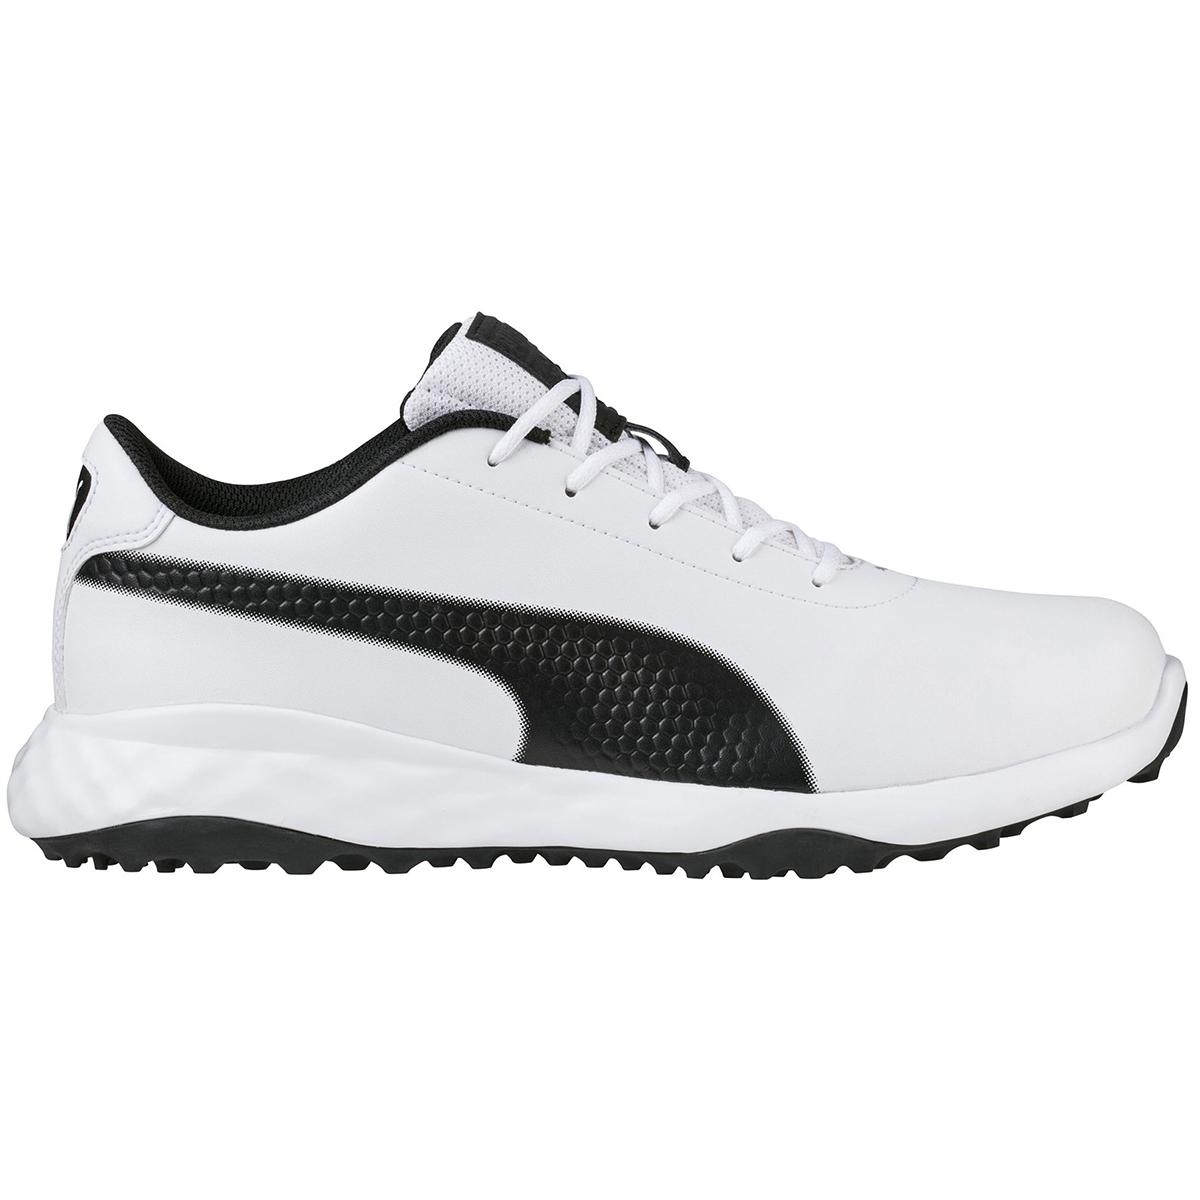 lenkkarit halpaa myydyin tuote Kivat kengät PUMA Golf Grip Fusion Classic Shoes